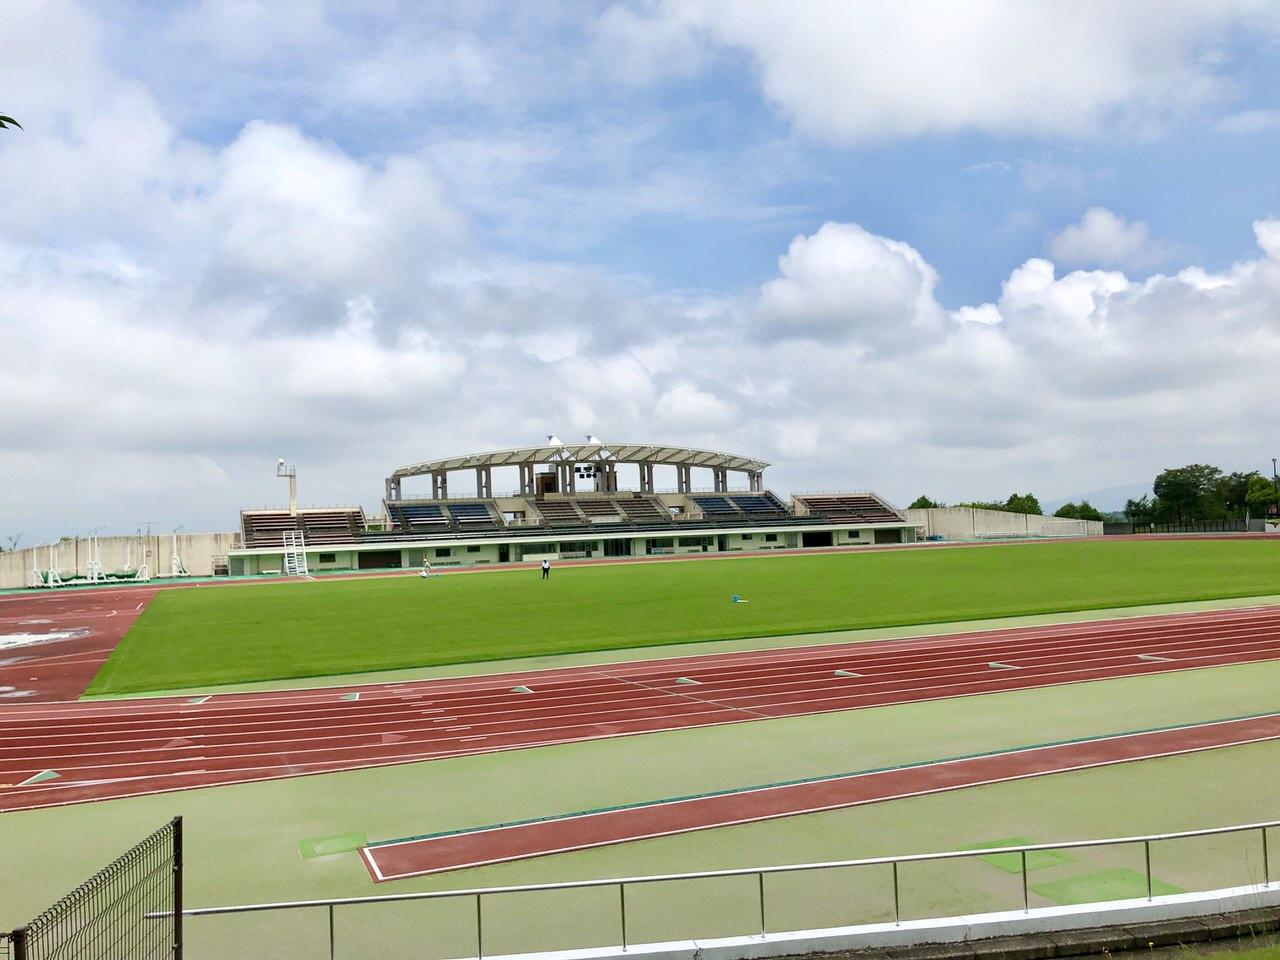 中津川公園競技場を近くから見た景色